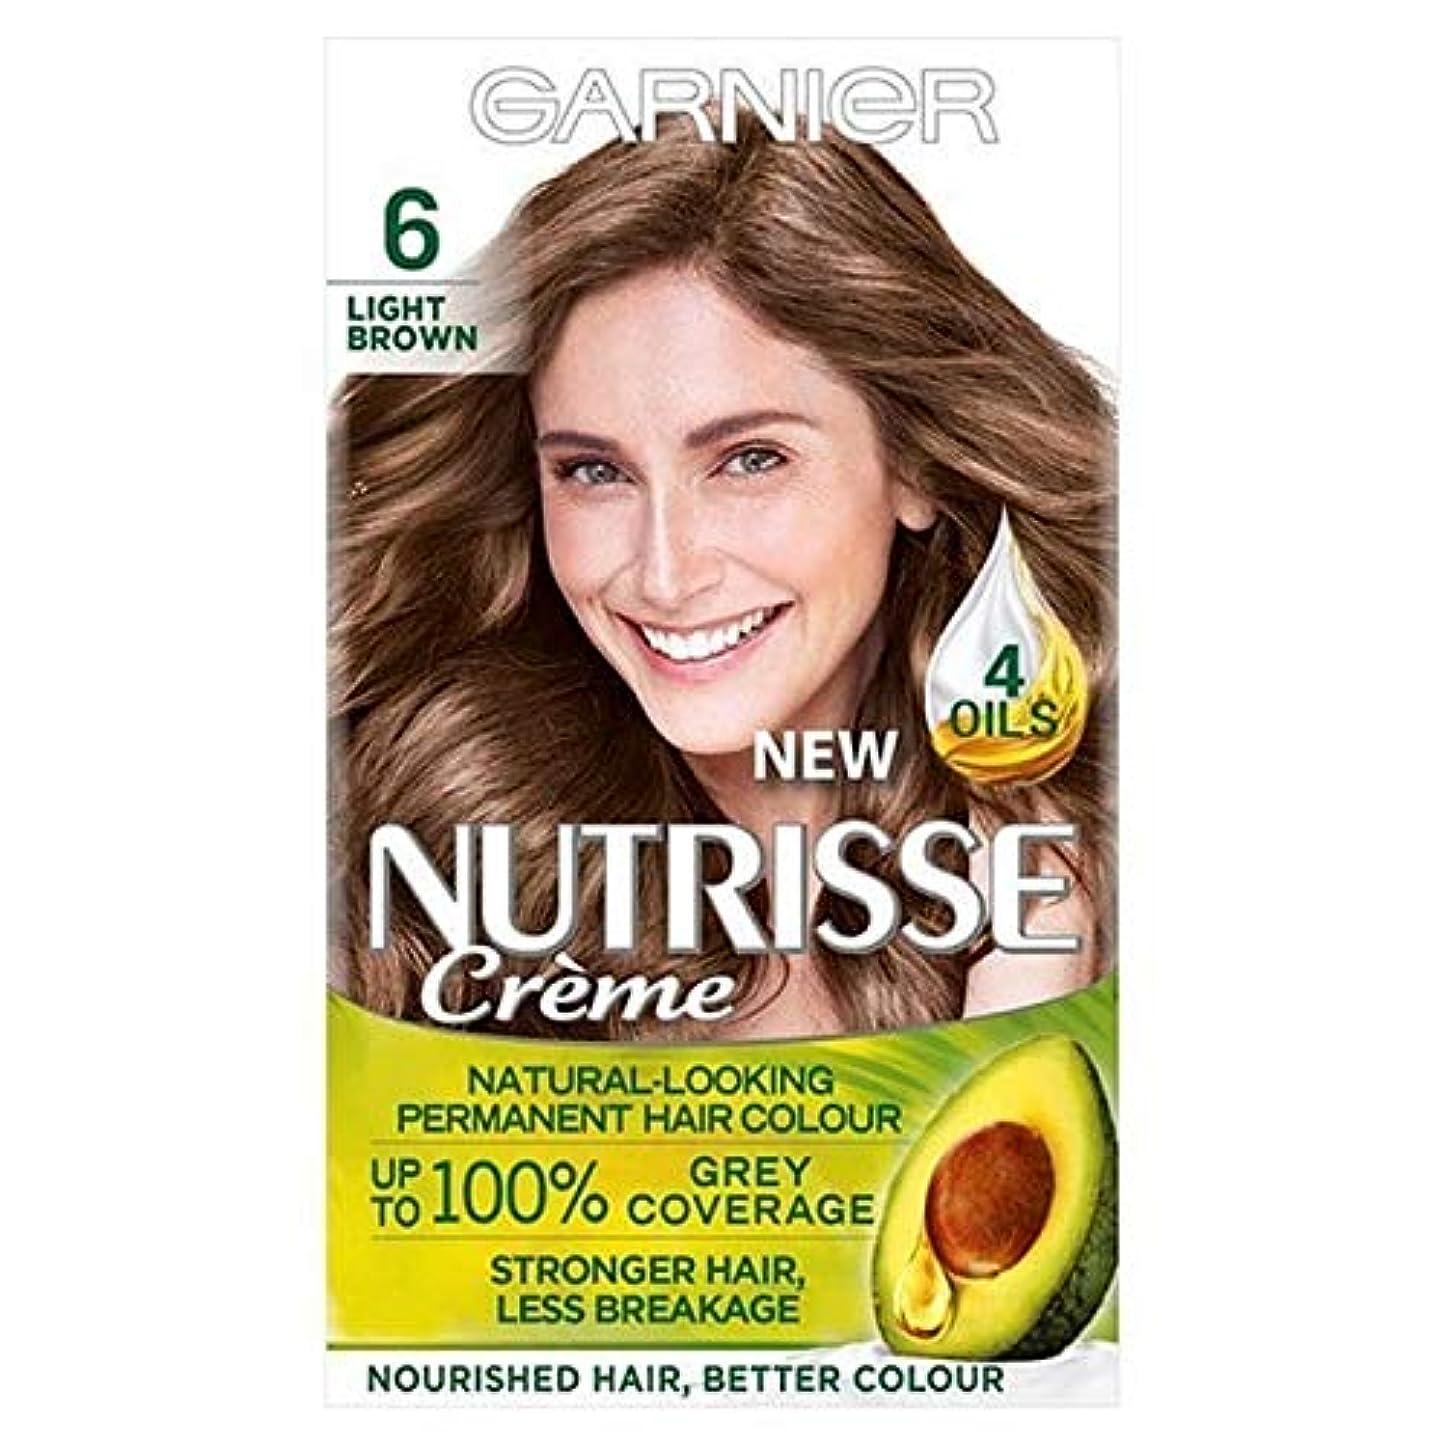 定説地質学和らげる[Garnier ] ガルニエNutrisse永久的な毛髪染料ライトブラウン6 - Garnier Nutrisse Permanent Hair Dye Light Brown 6 [並行輸入品]